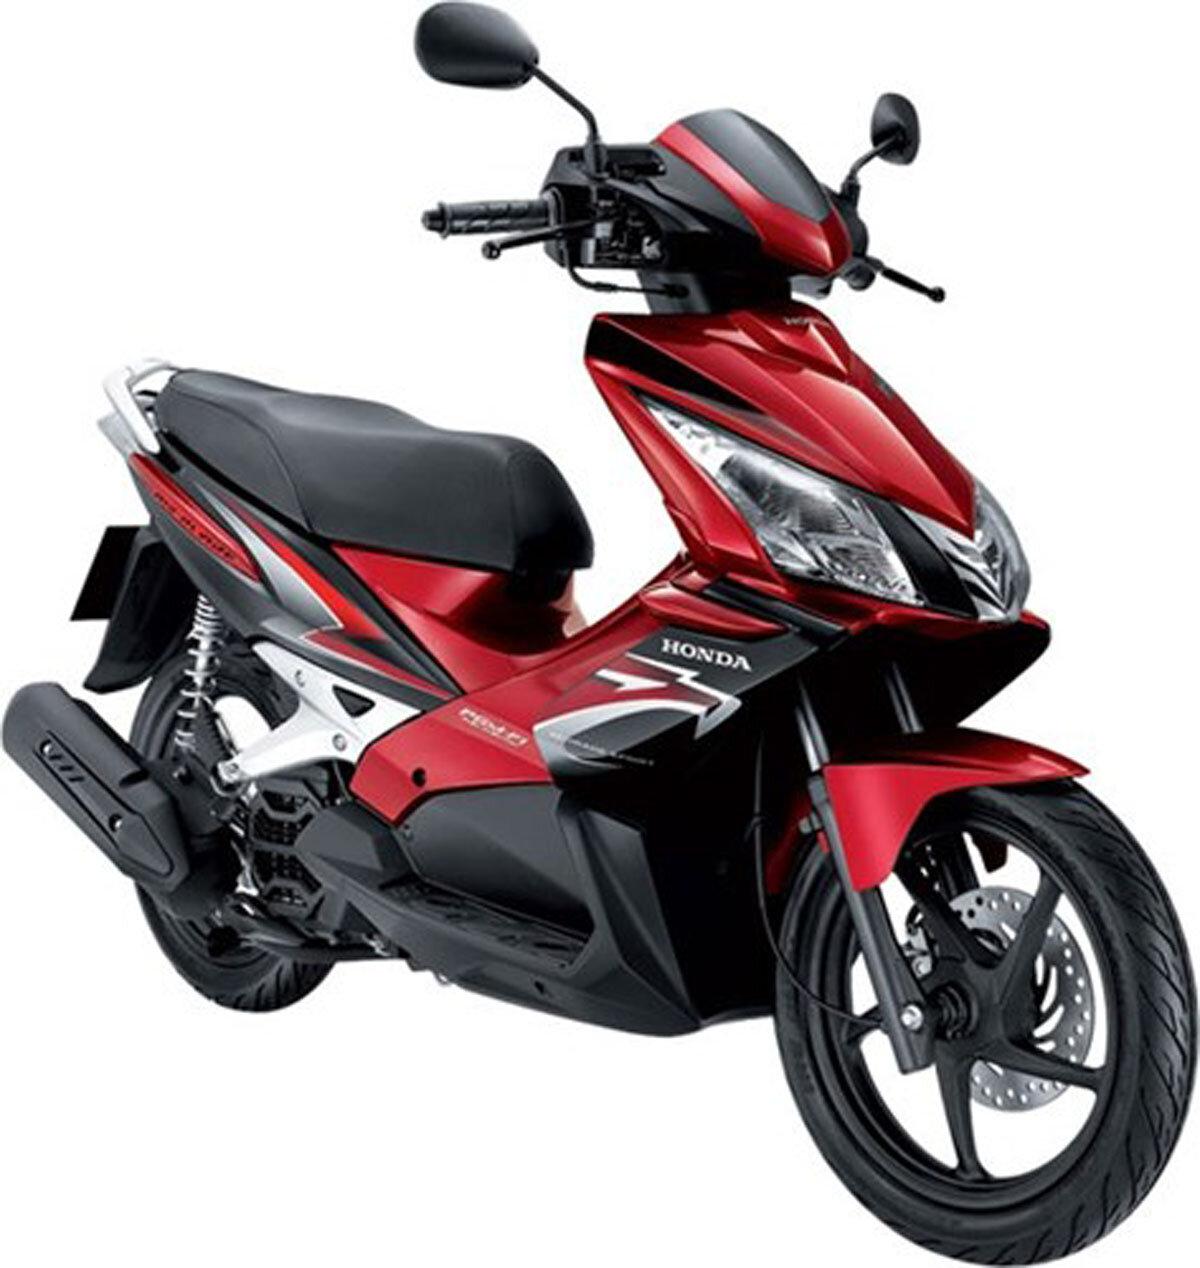 Giá độ xe máy Honda Air Blade Việt Nam thành AirBlade Thái Lan bao nhiêu tiền?